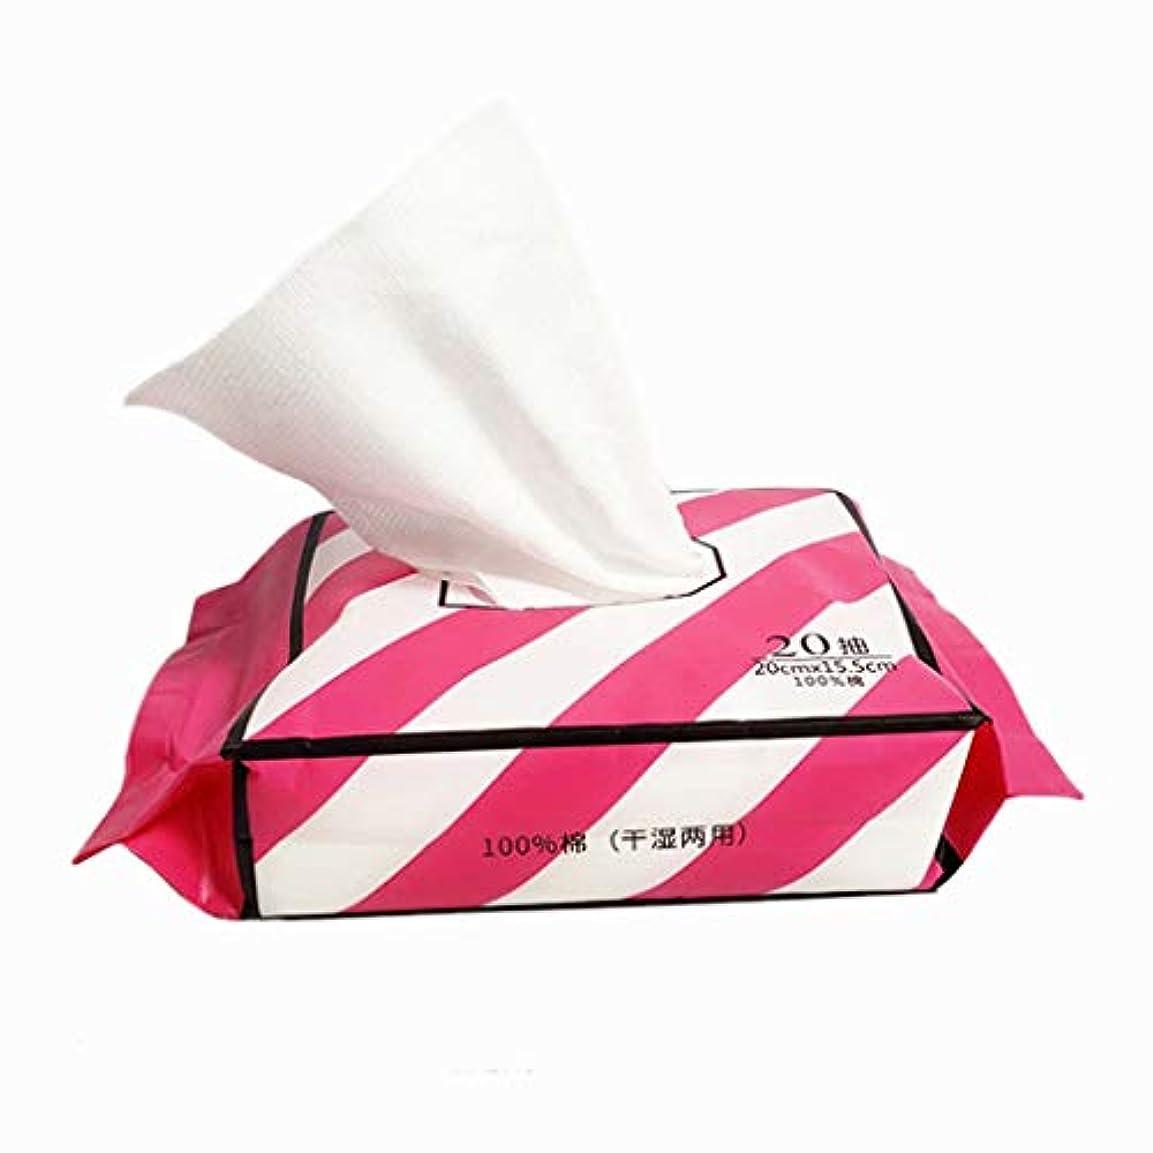 長さ思いつく不従順ポータブル旅行フェイスタオル、女子学生のメイクアップリムーバーコットンパッド、クリーニングウォッシュ顔使い捨て綿タオルネイル (Size : 20 pieces/bag)